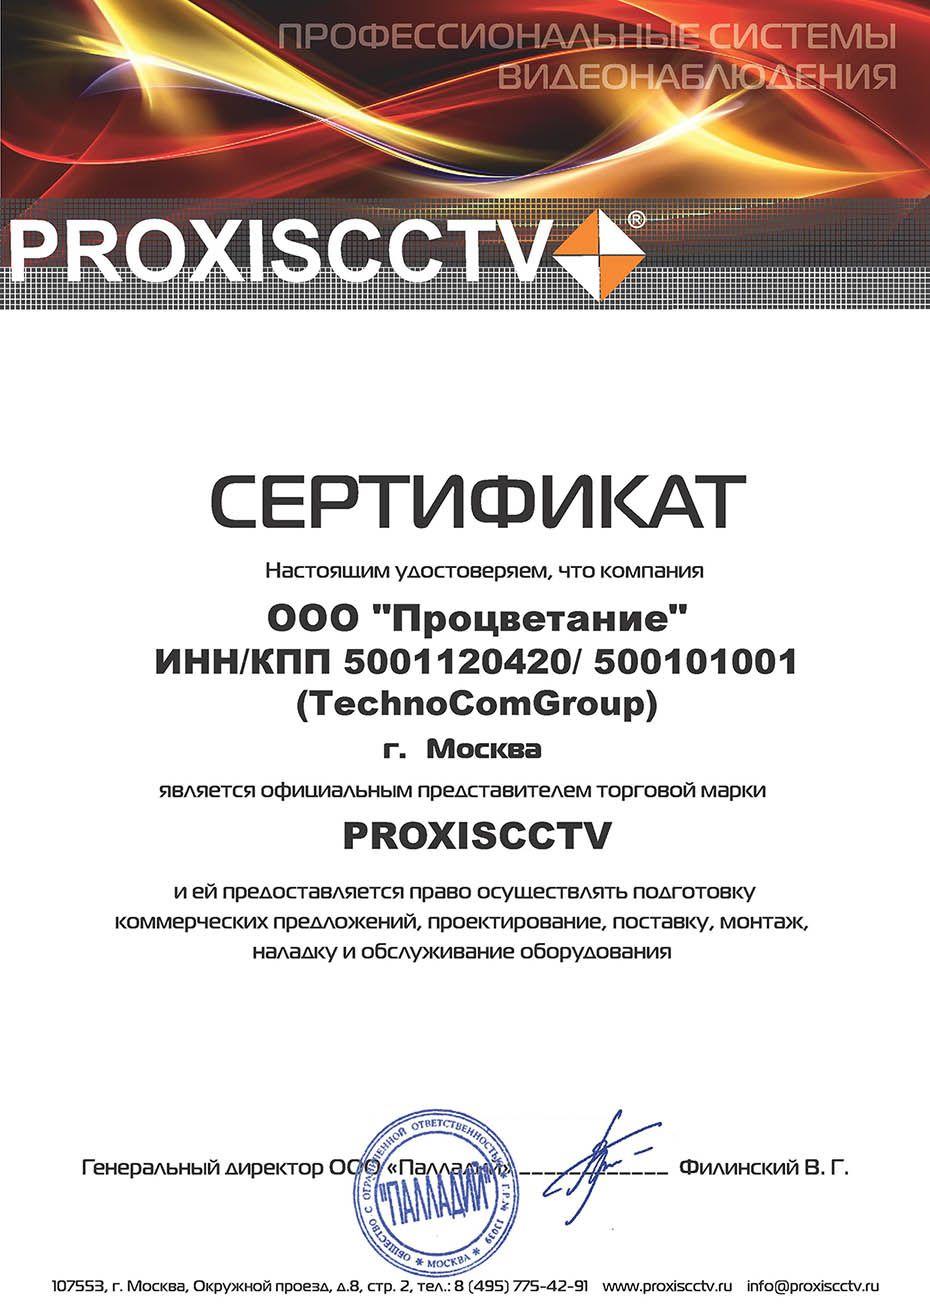 Адрес сбербанка на английском языке проезд кожуховская